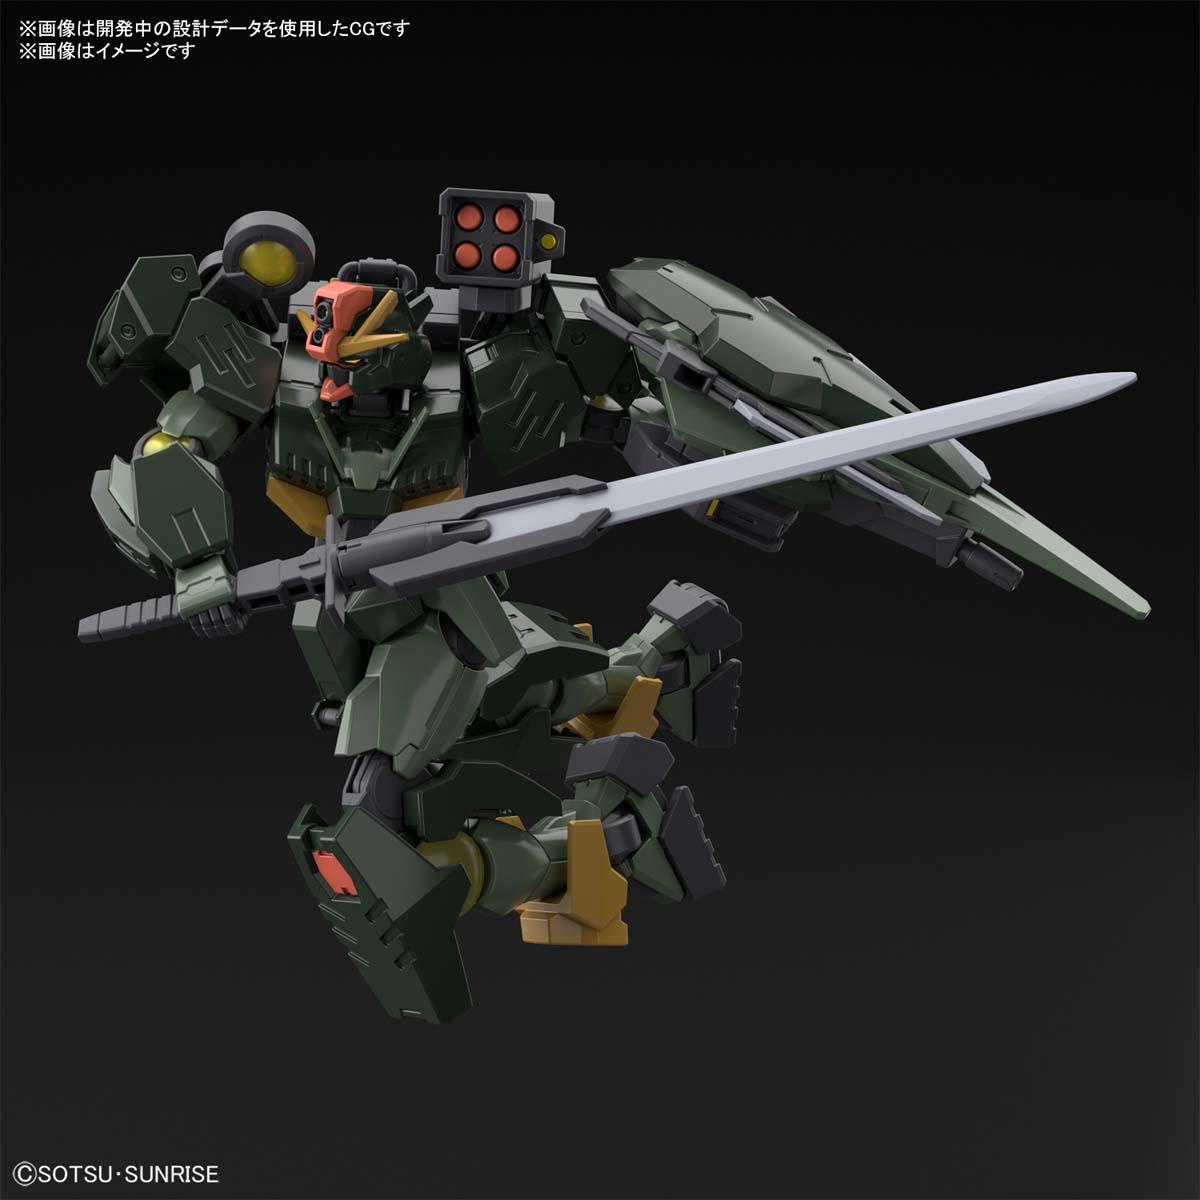 HG 1/144『ガンダムダブルオーコマンドクアンタ』ガンダムブレイカー バトローグ プラモデル-007